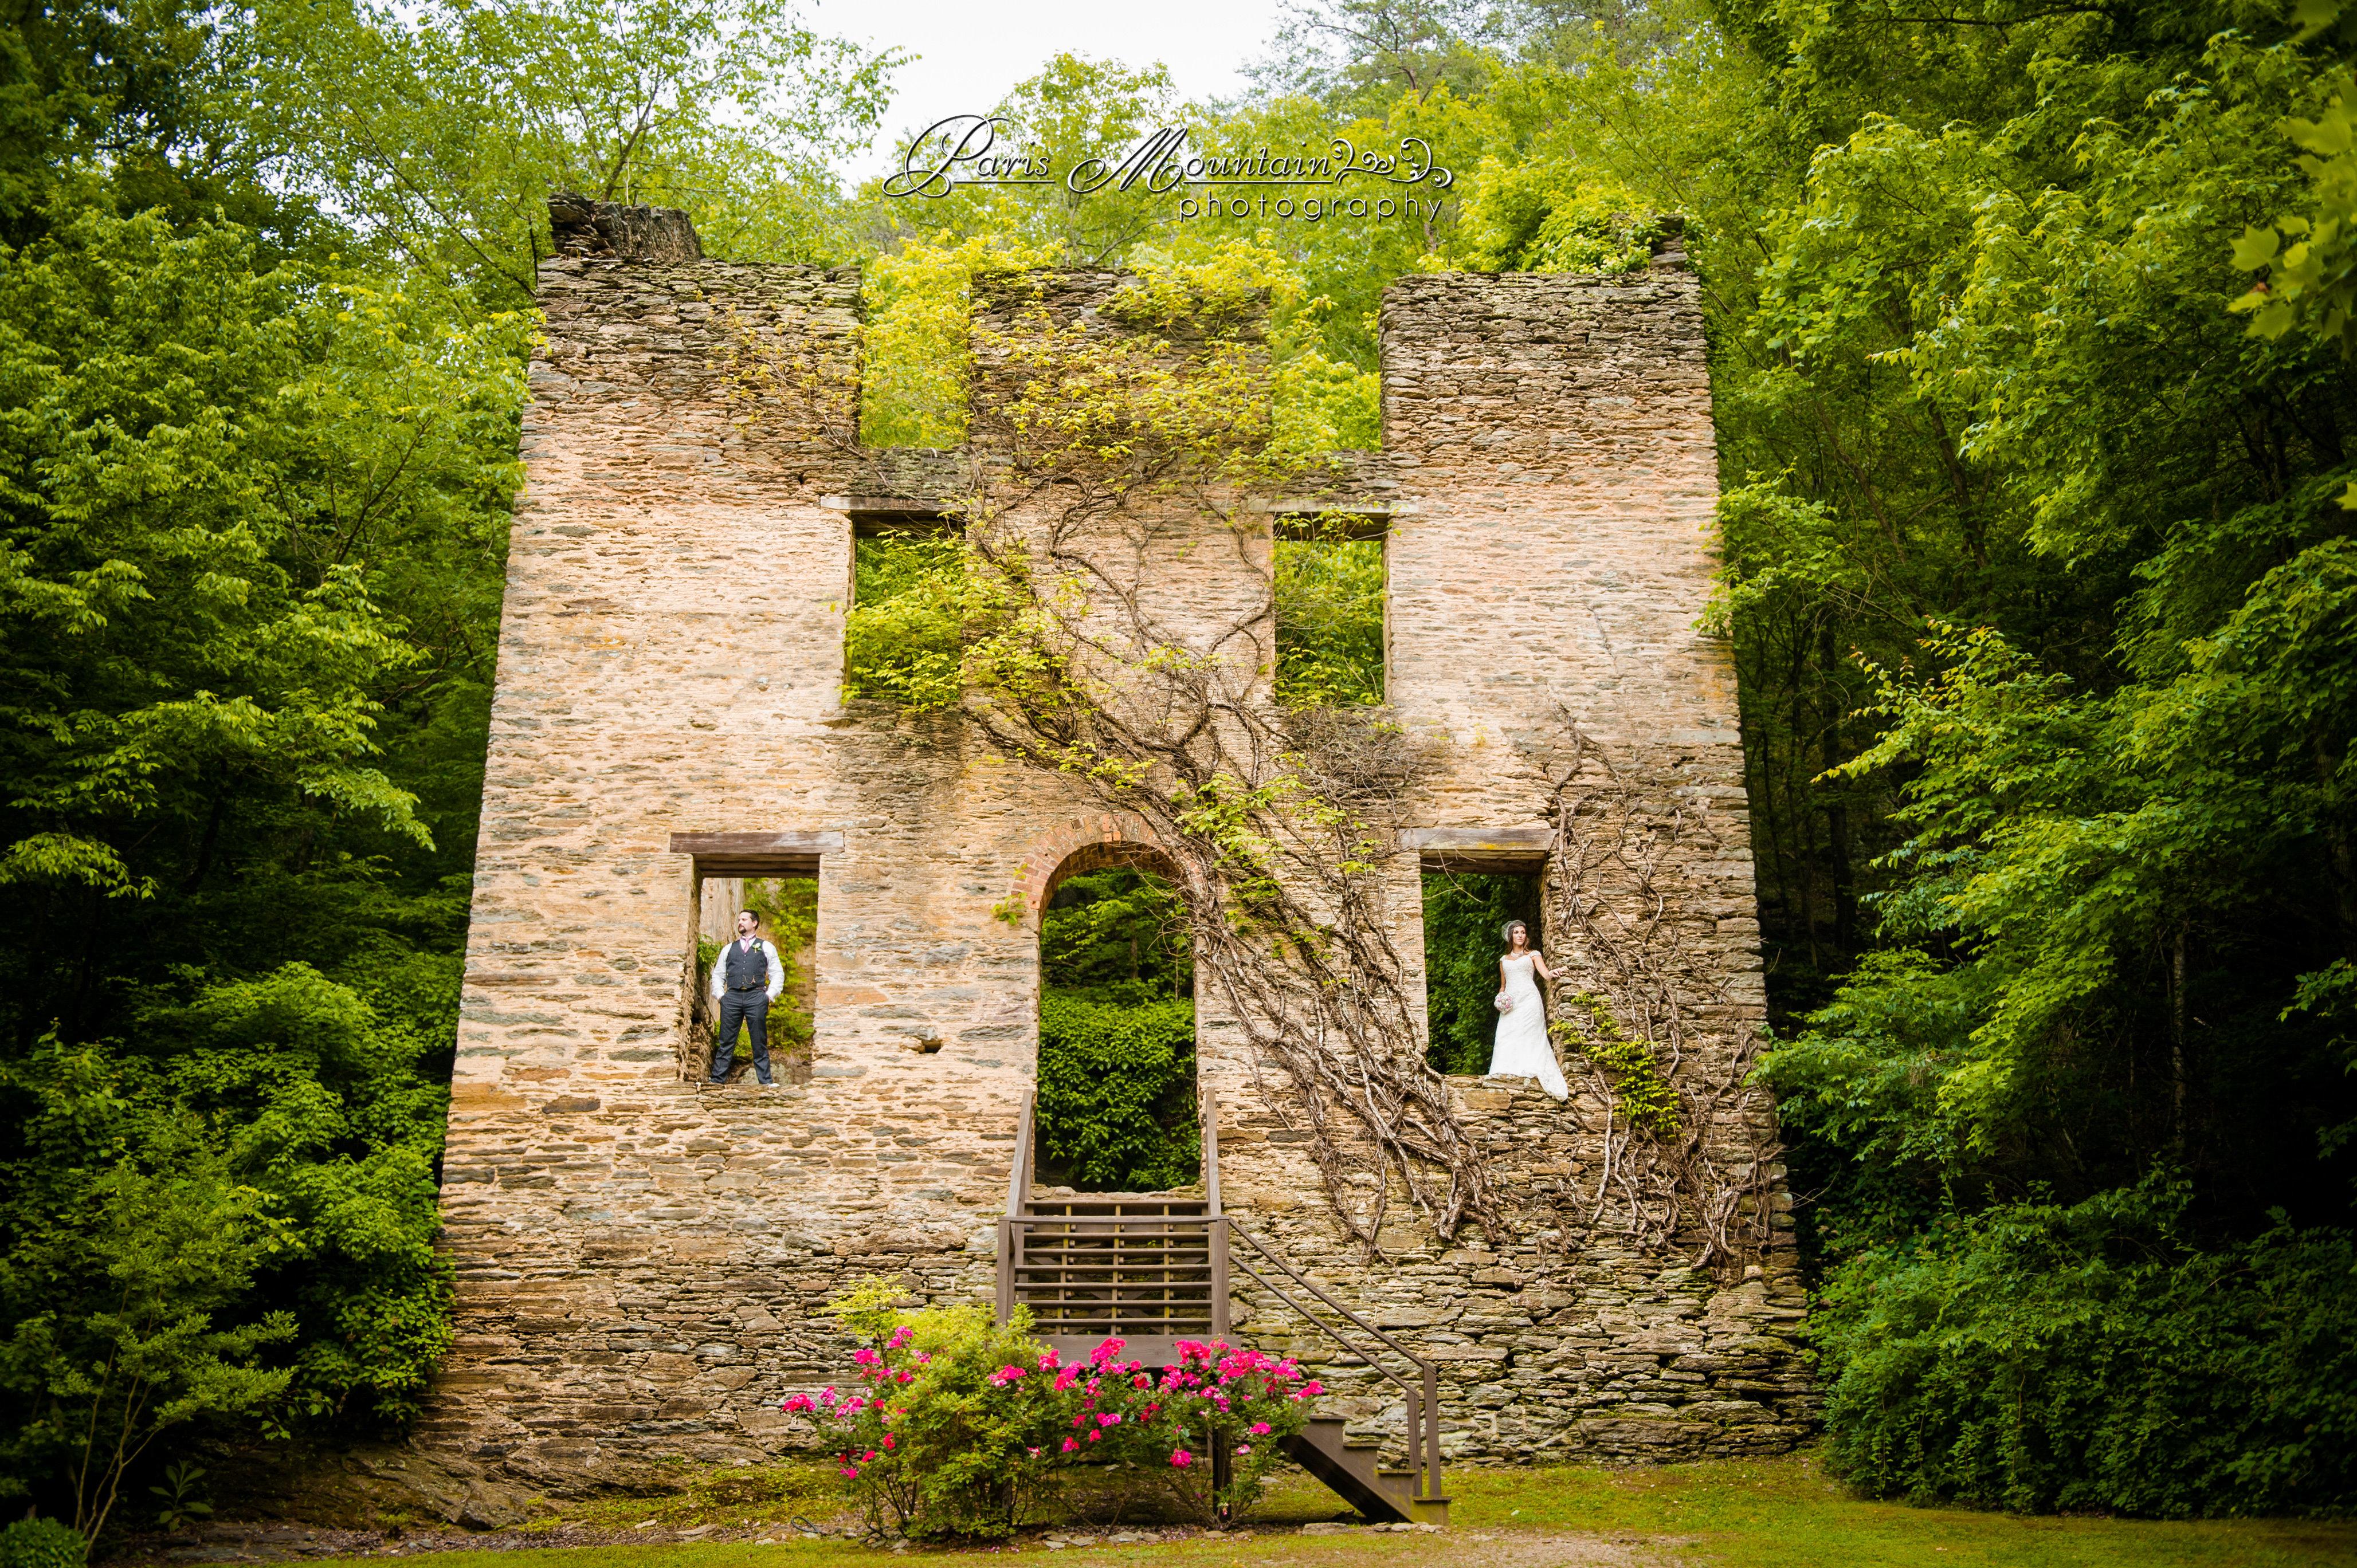 Hightower Falls image 3